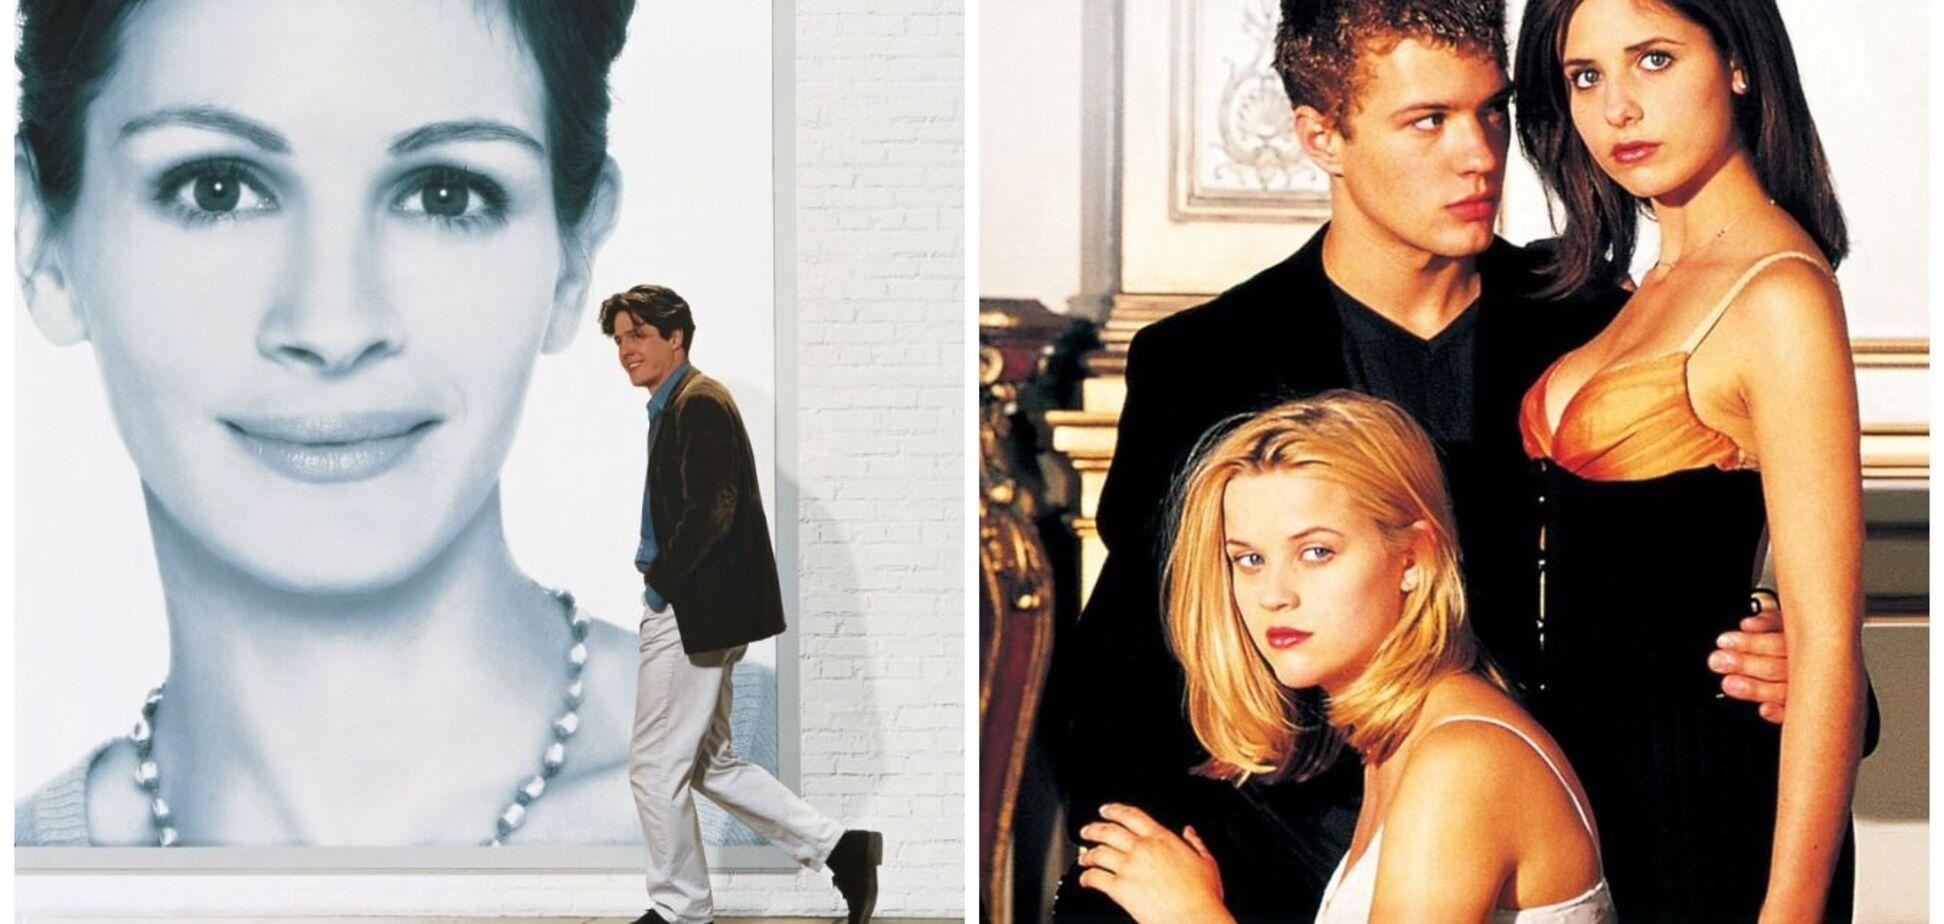 Как сейчас выглядят пары из культовых мелодрам конца 90-х. Фото